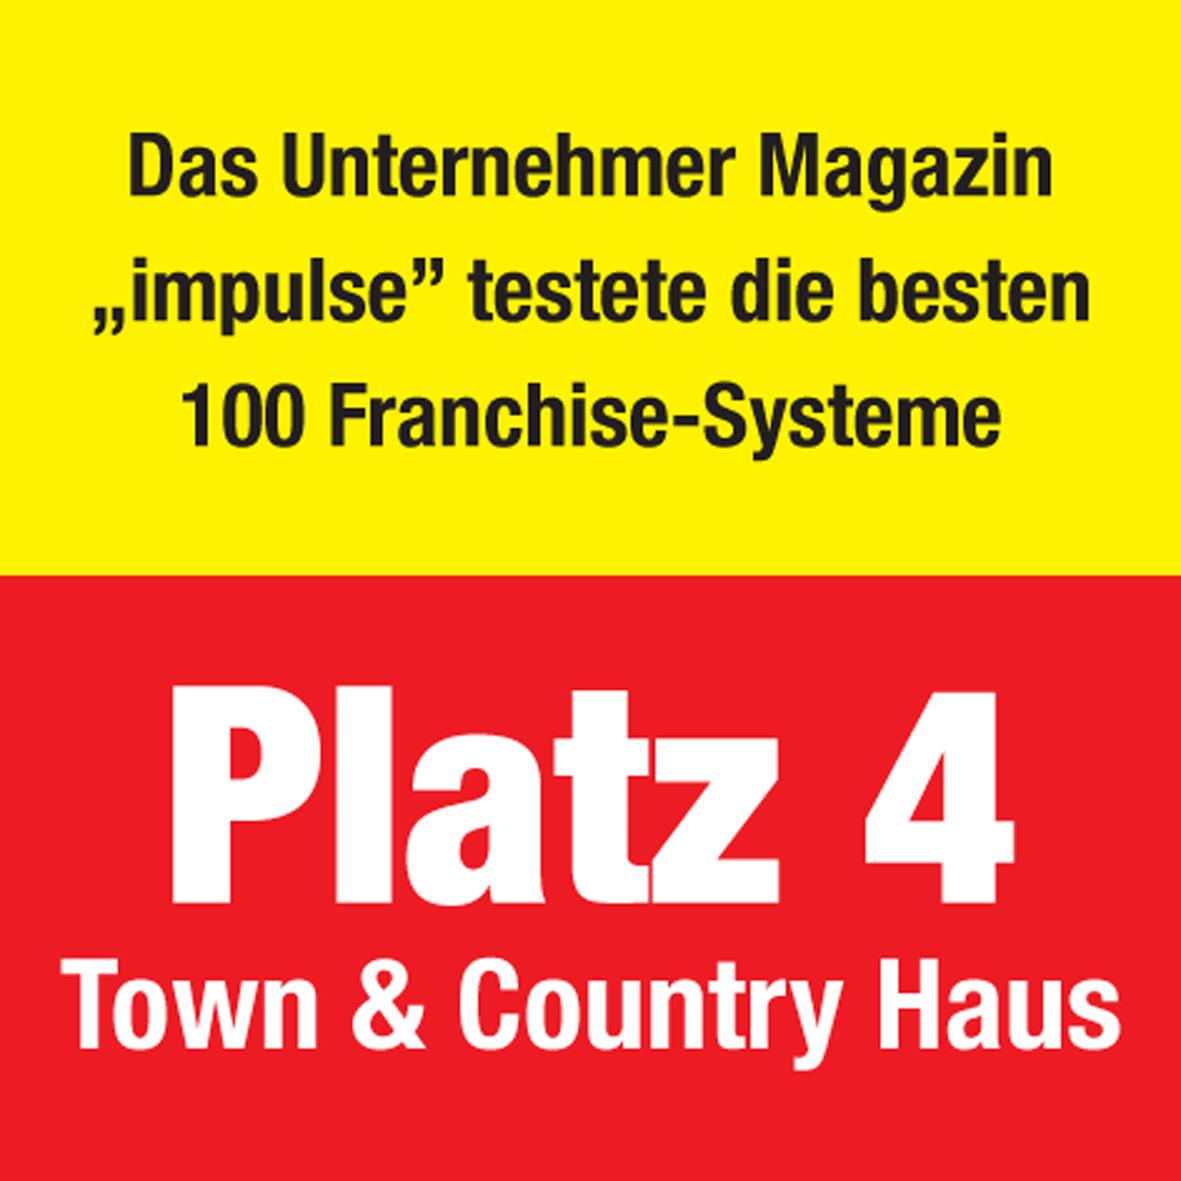 Town & Country Haus erneut bestes System in der Kategorie Handwerk